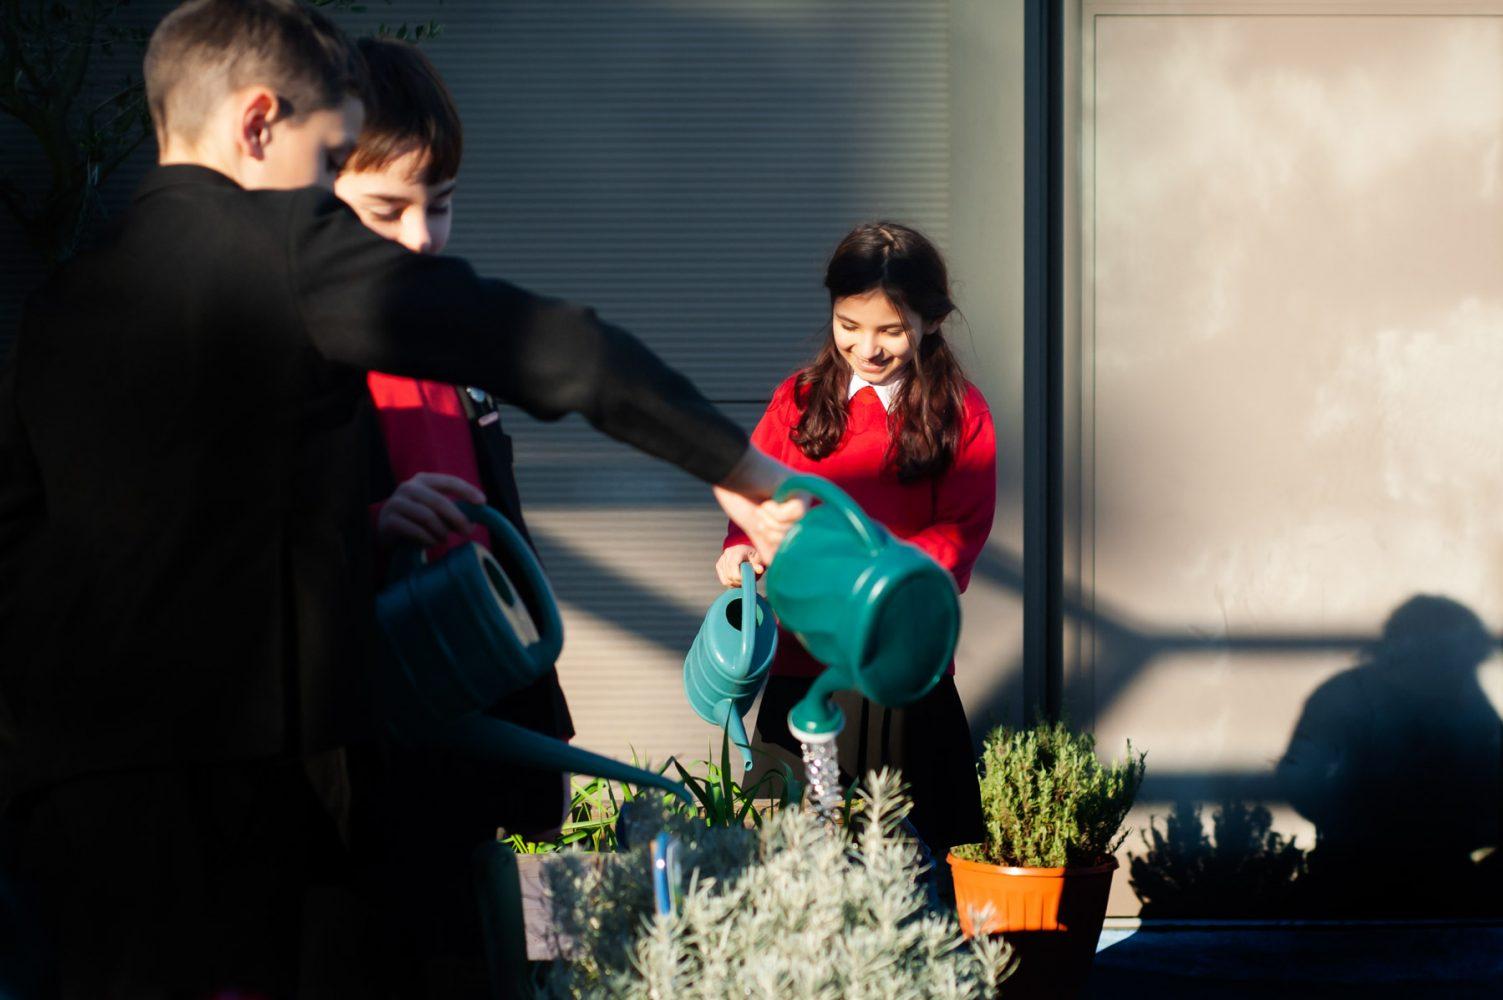 Pupils watering plants on roof garden